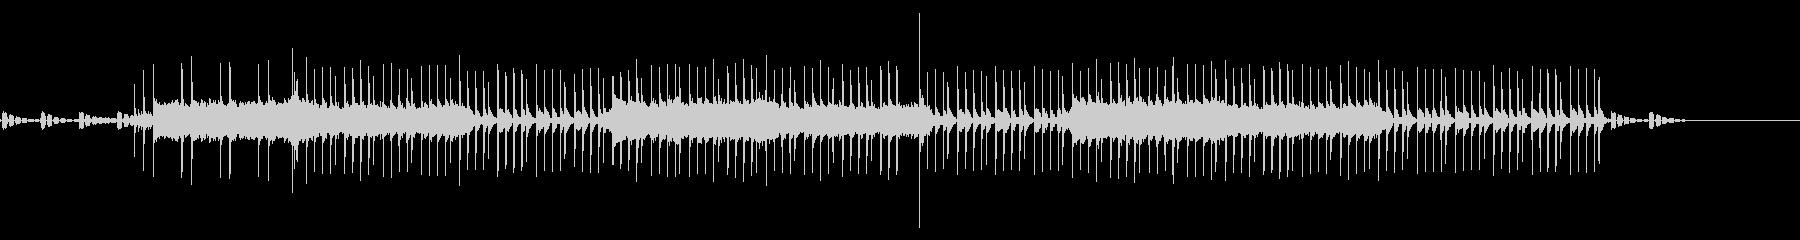 機械をイメージした曲/近未来の未再生の波形